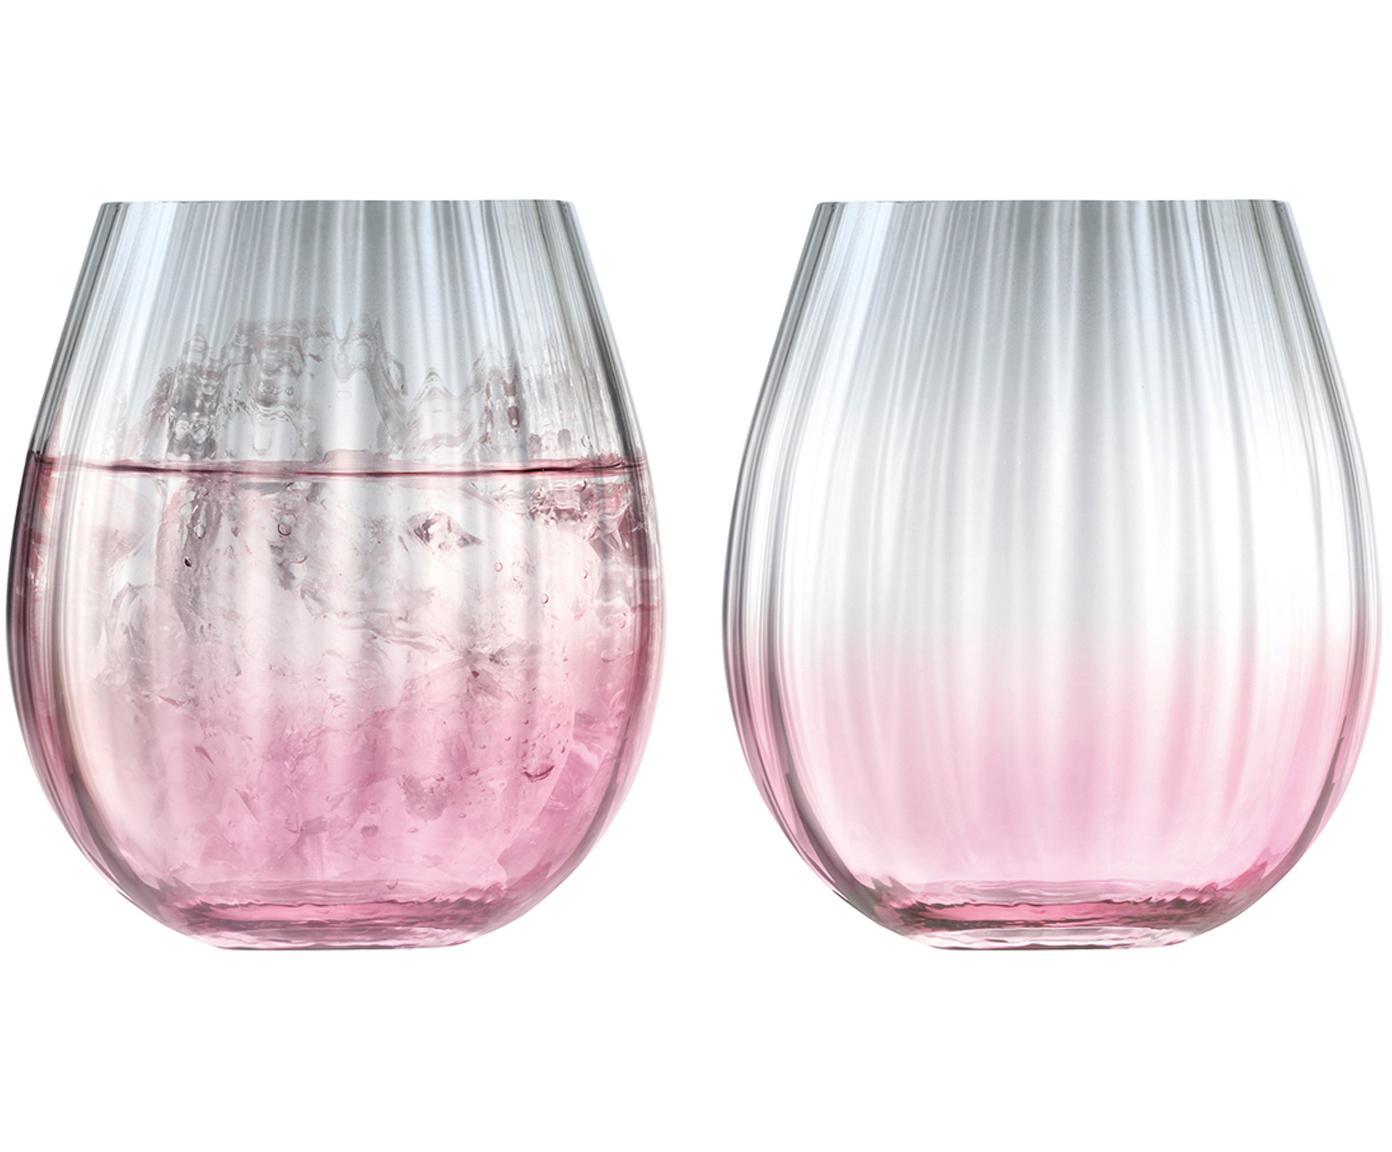 Handgefertigte Wassergläser Dusk mit Farbverlauf, 2er-Set, Glas, Rosa, Grau, Ø 9 x H 10 cm